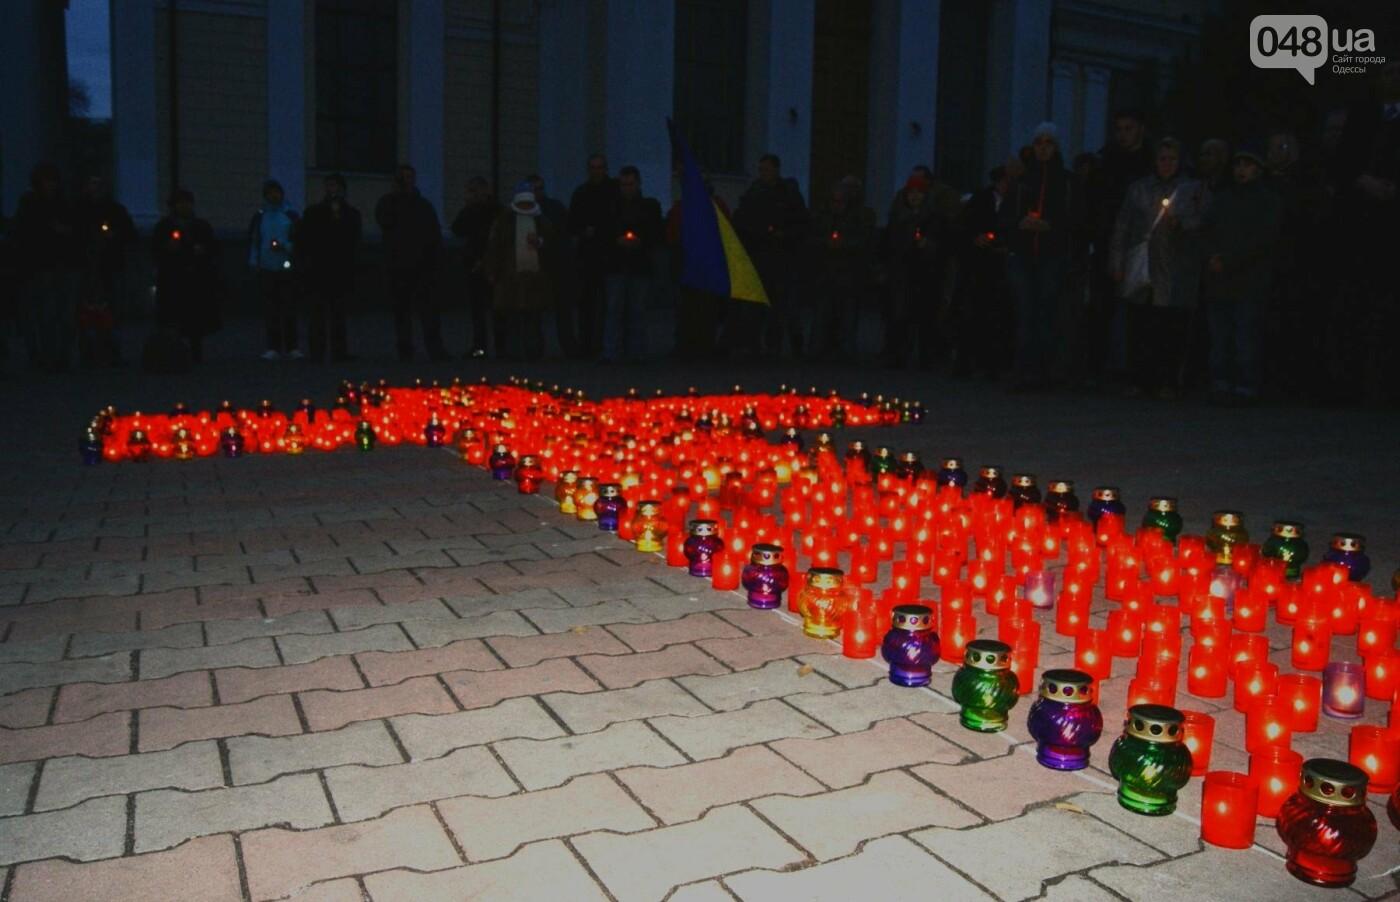 Одесситы провели трогательную акцию (ФОТО, ВИДЕО), фото-2